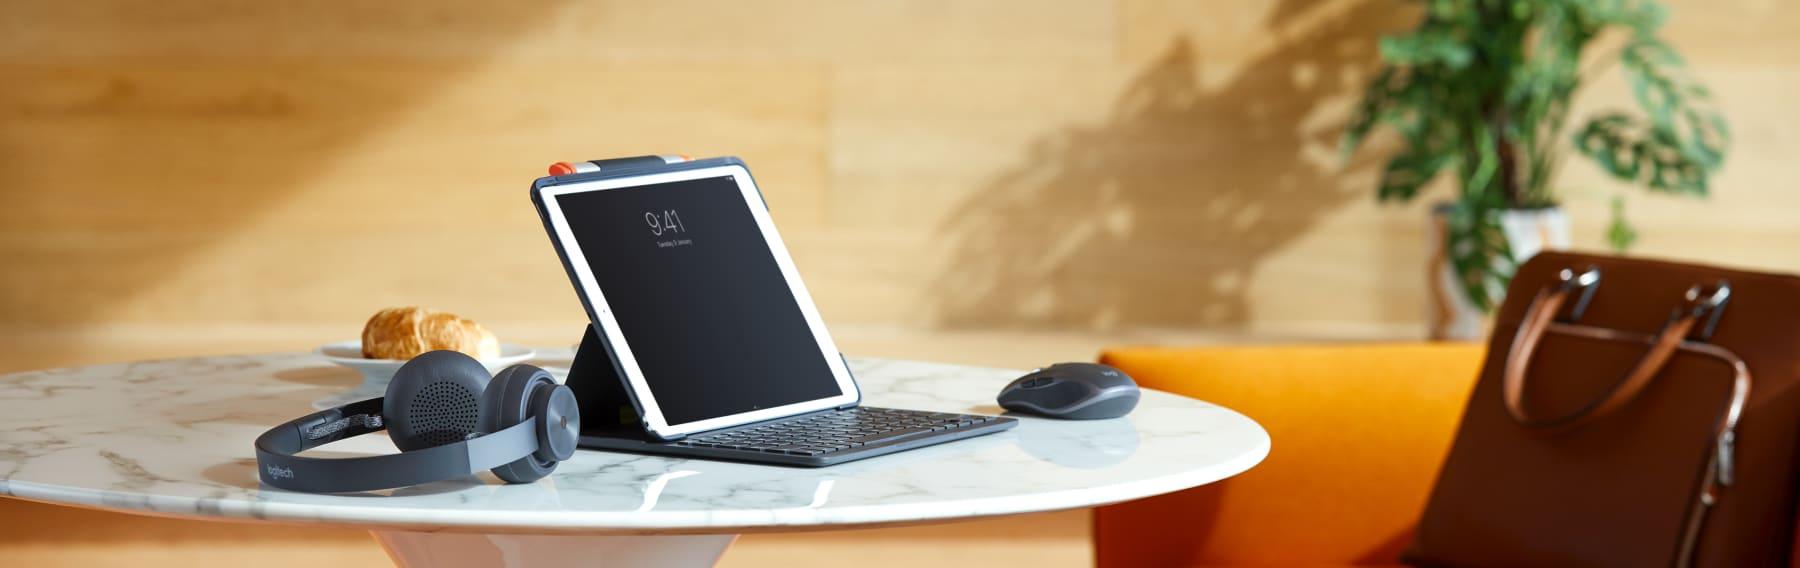 Configurazione di iPad con accessori Logitech